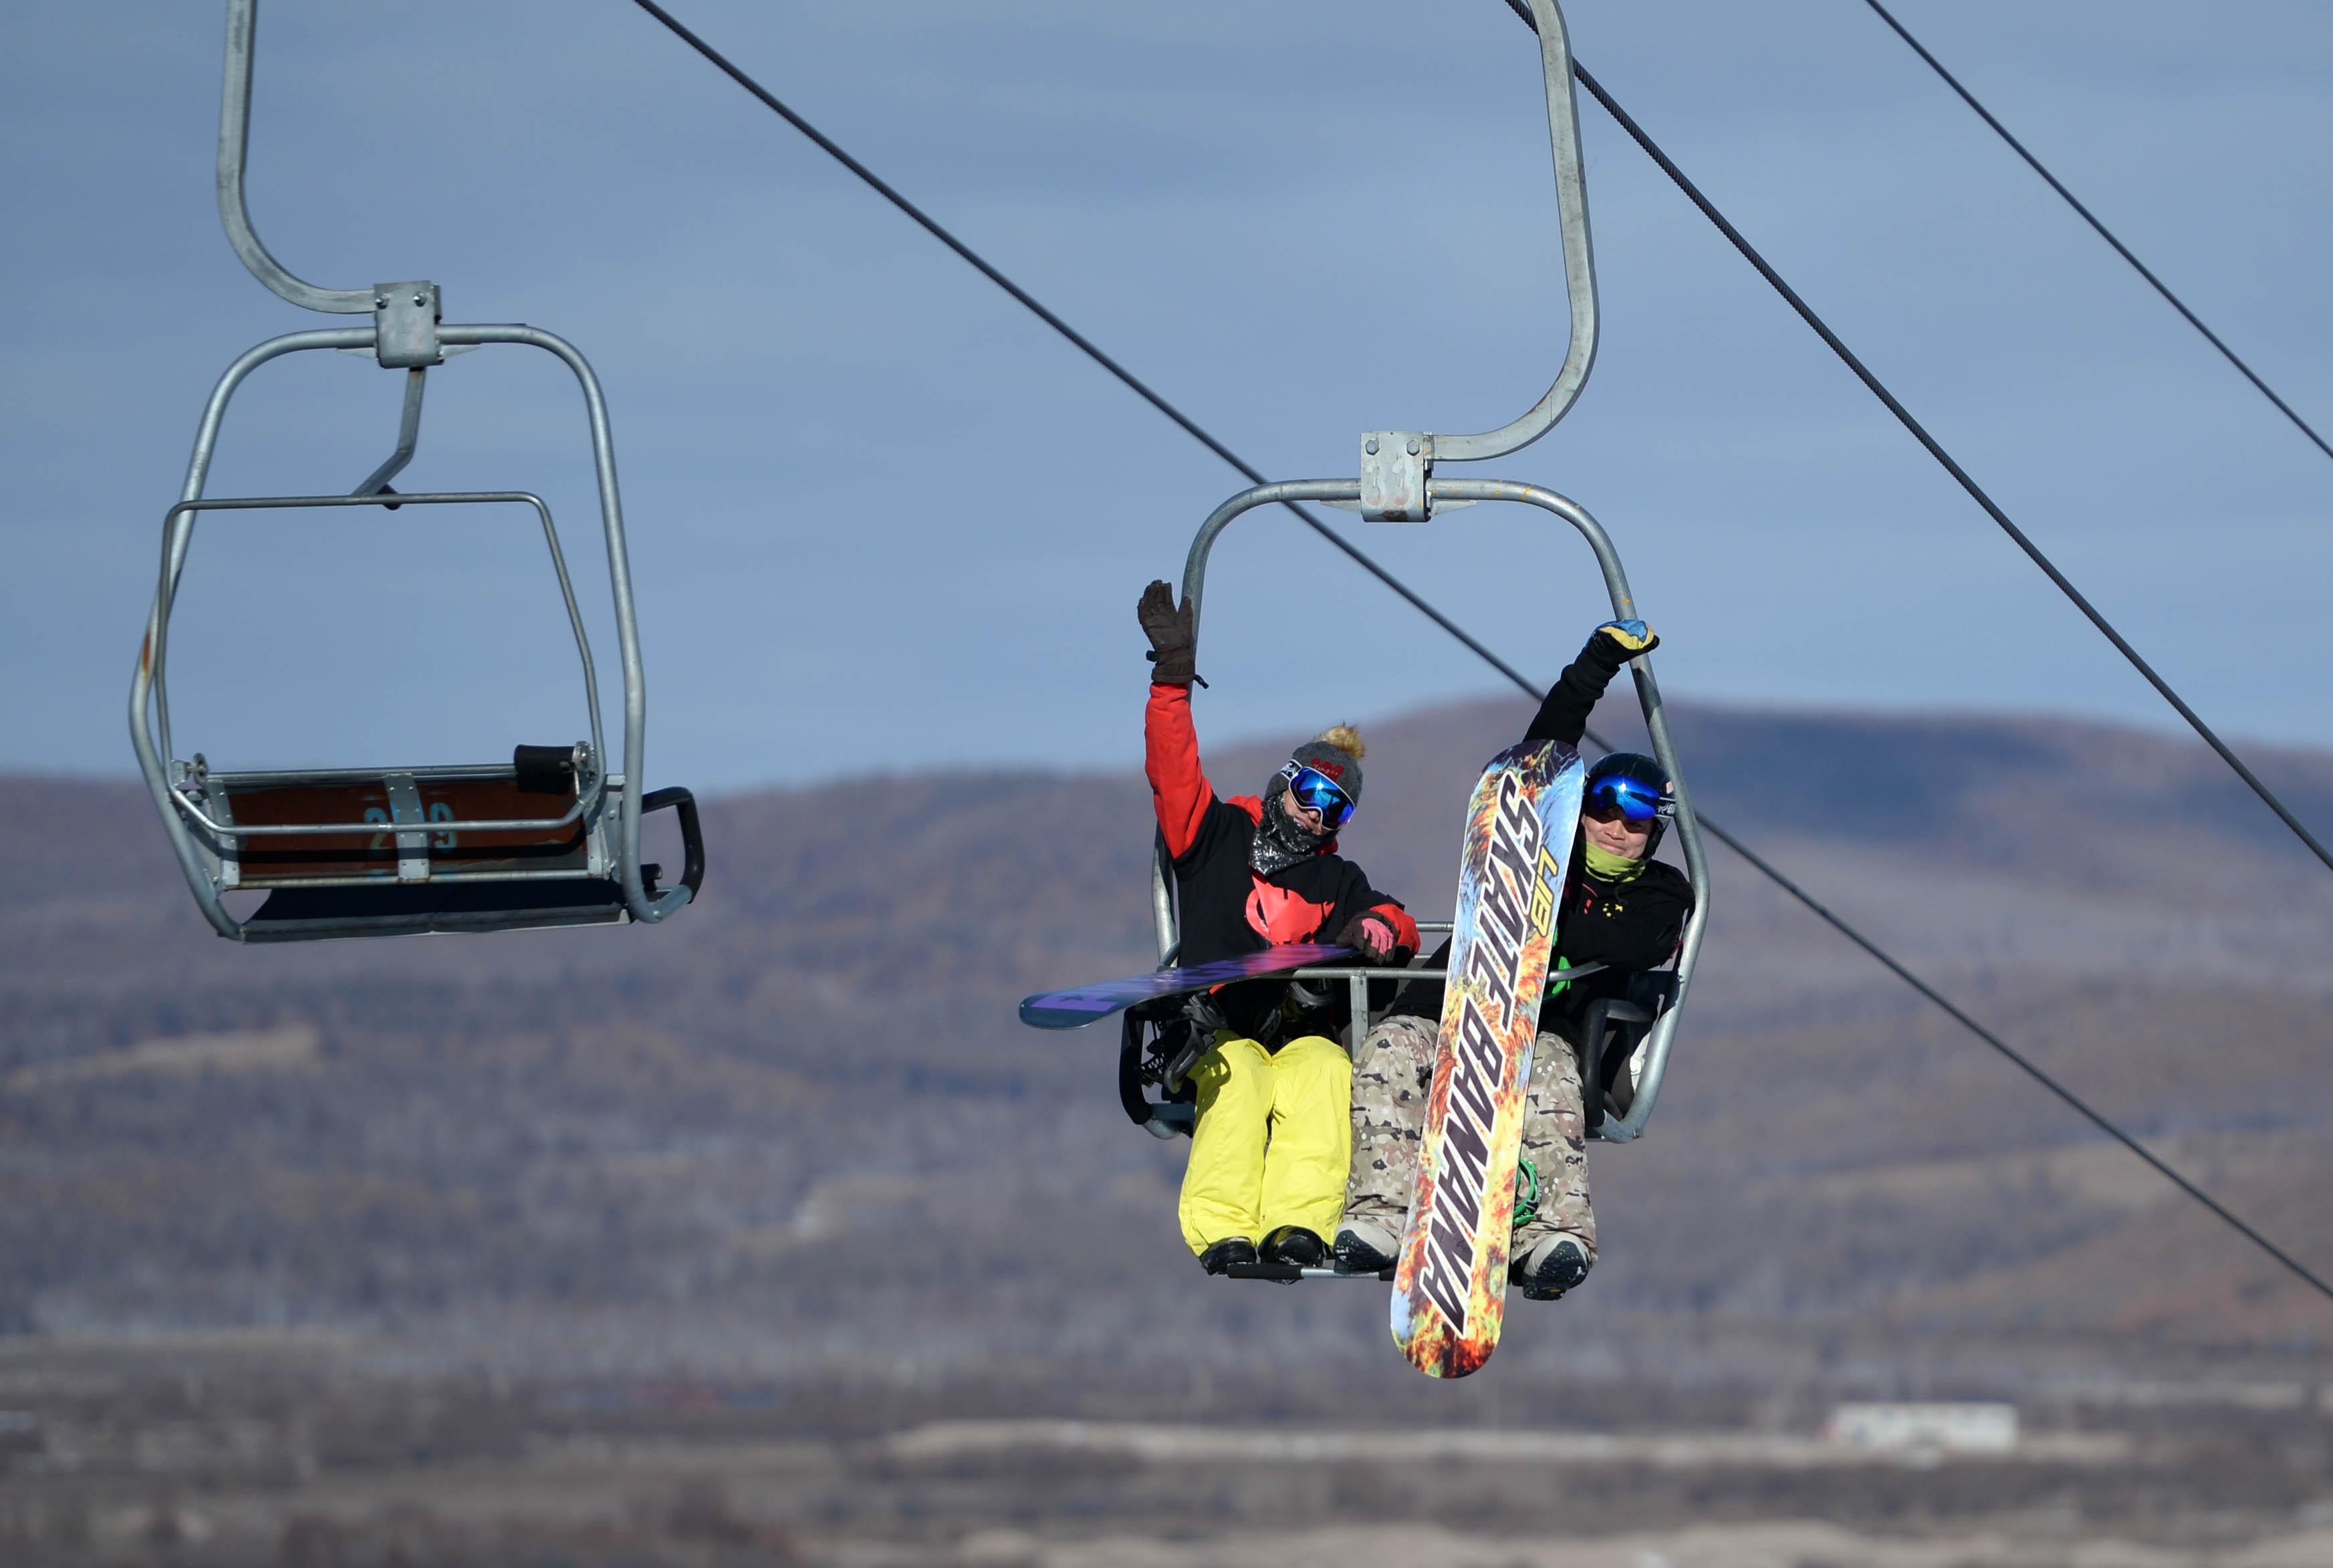 10月30日,滑雪爱好者们在大兴安岭加格达奇映山红滑雪场乘坐缆车准备享受首滑。新华社记者王凯摄